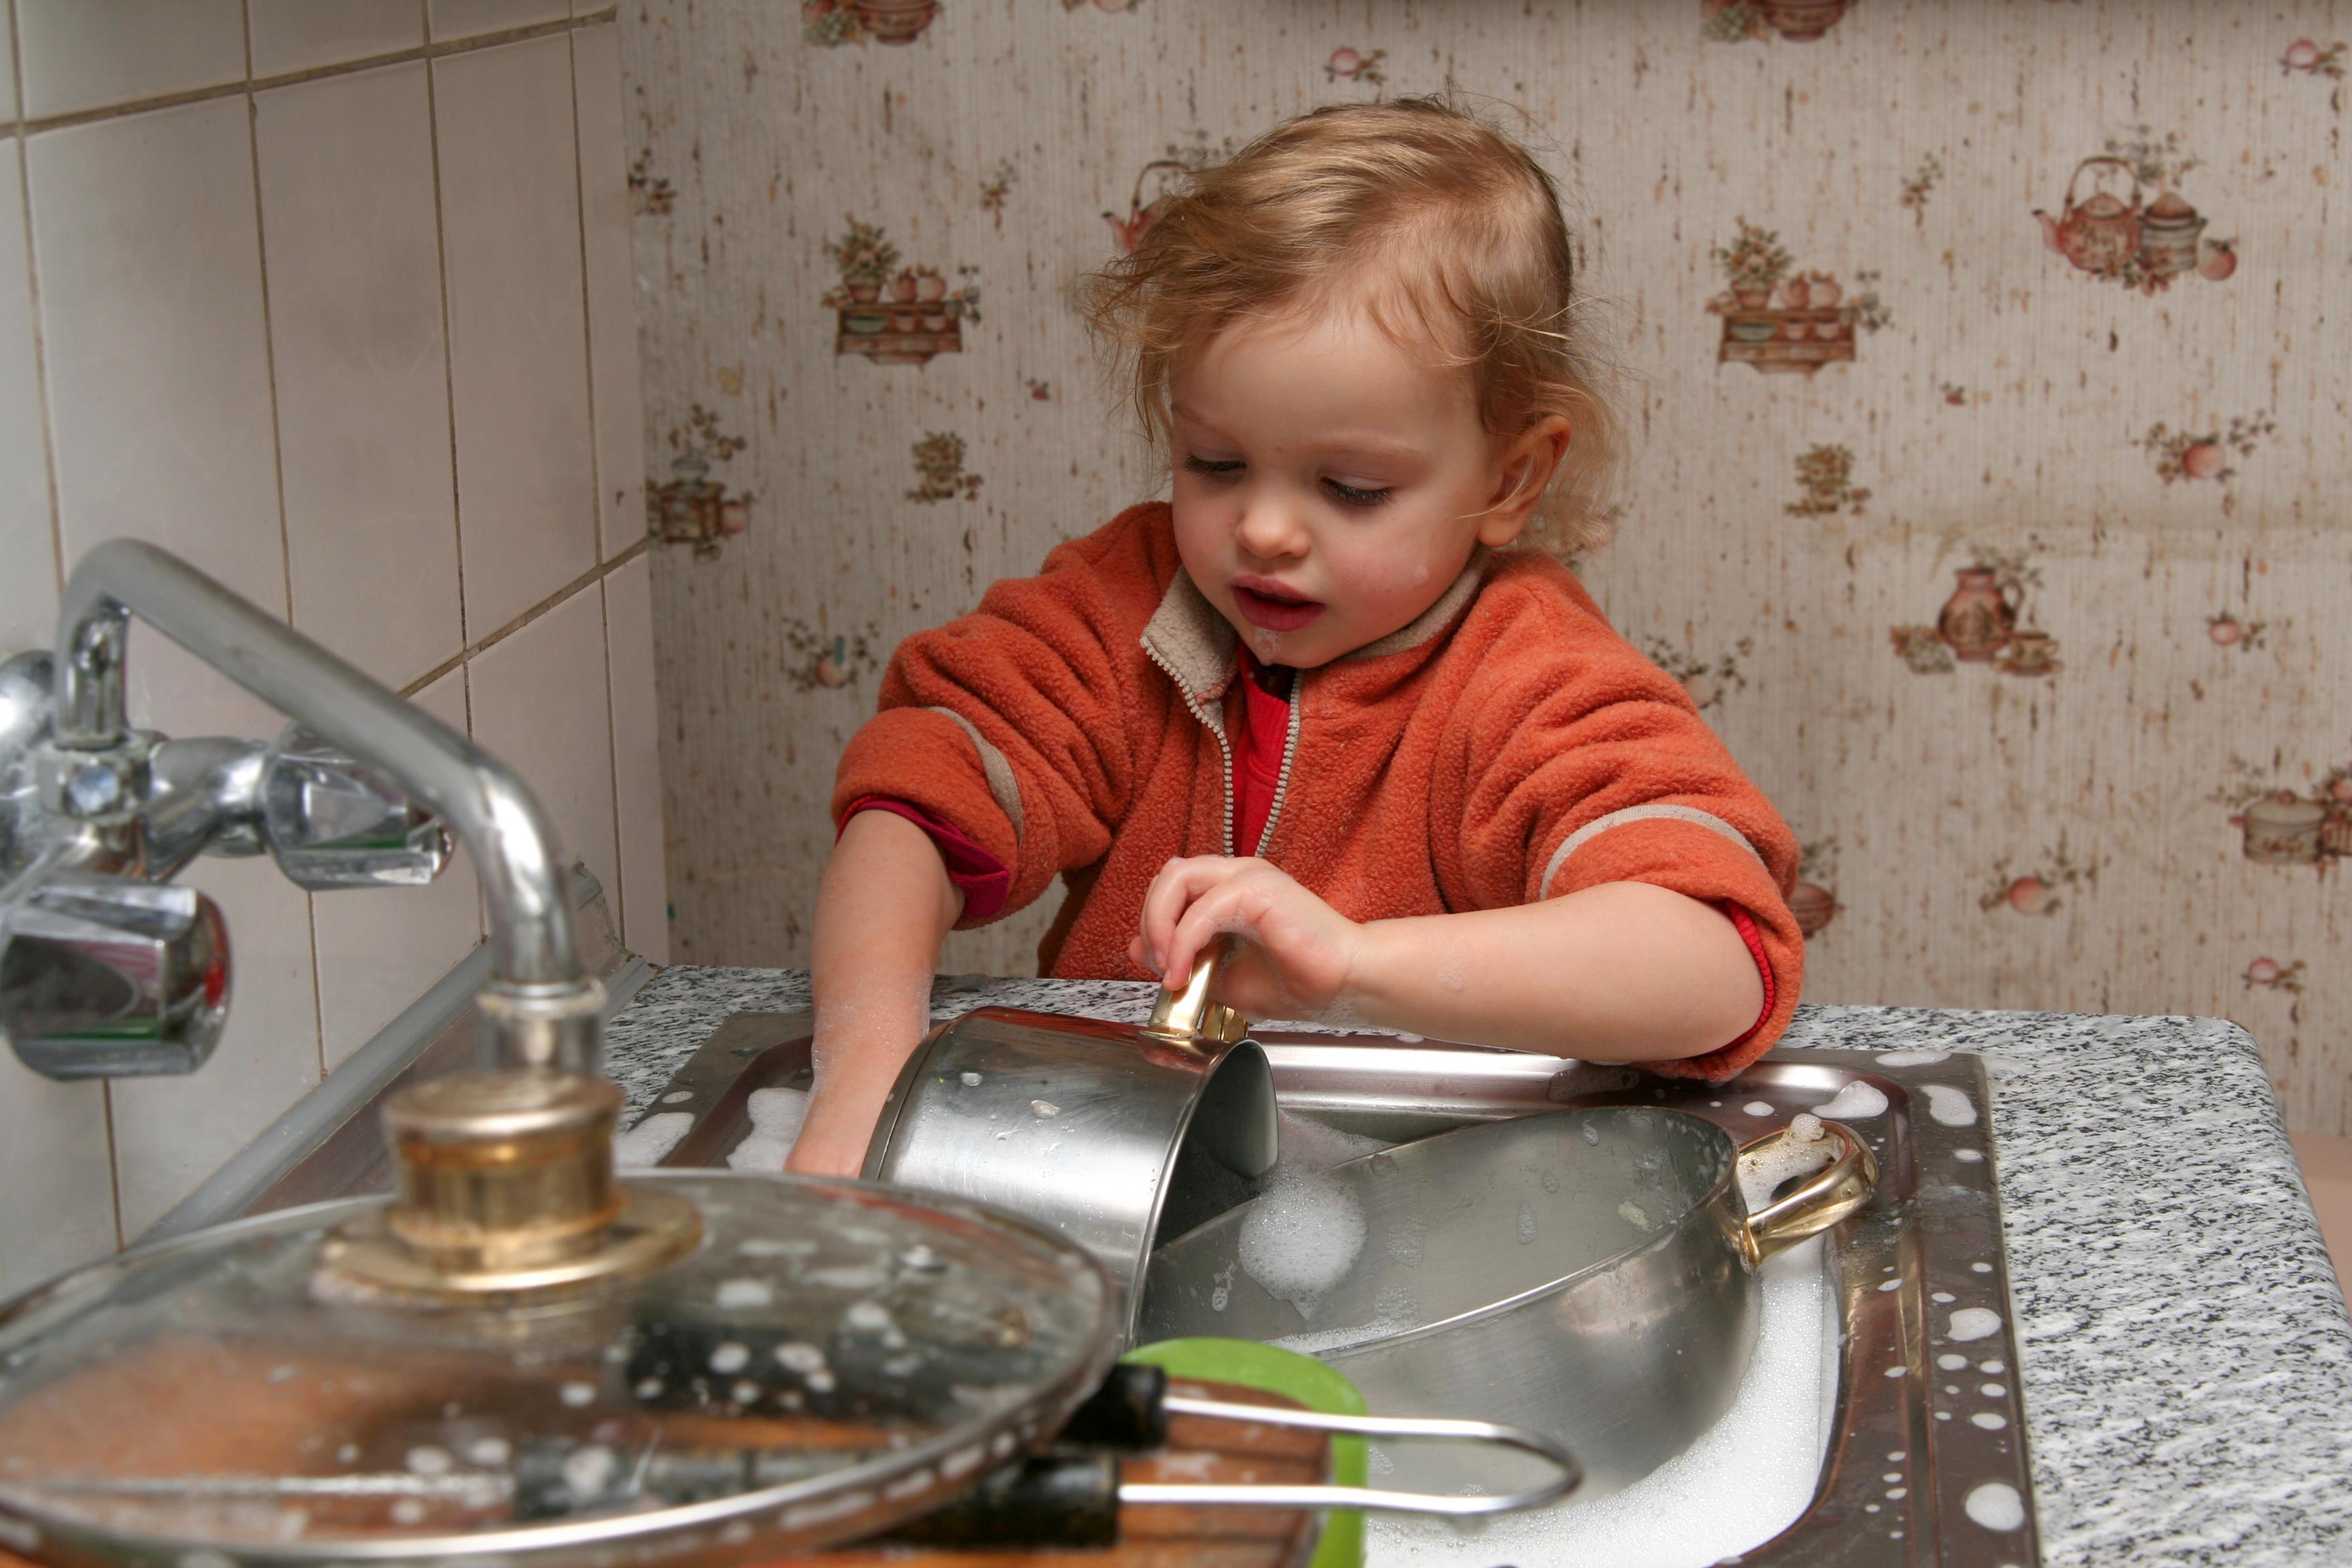 زنگ تکالیف خانگی در اوقات فراغت تابستان